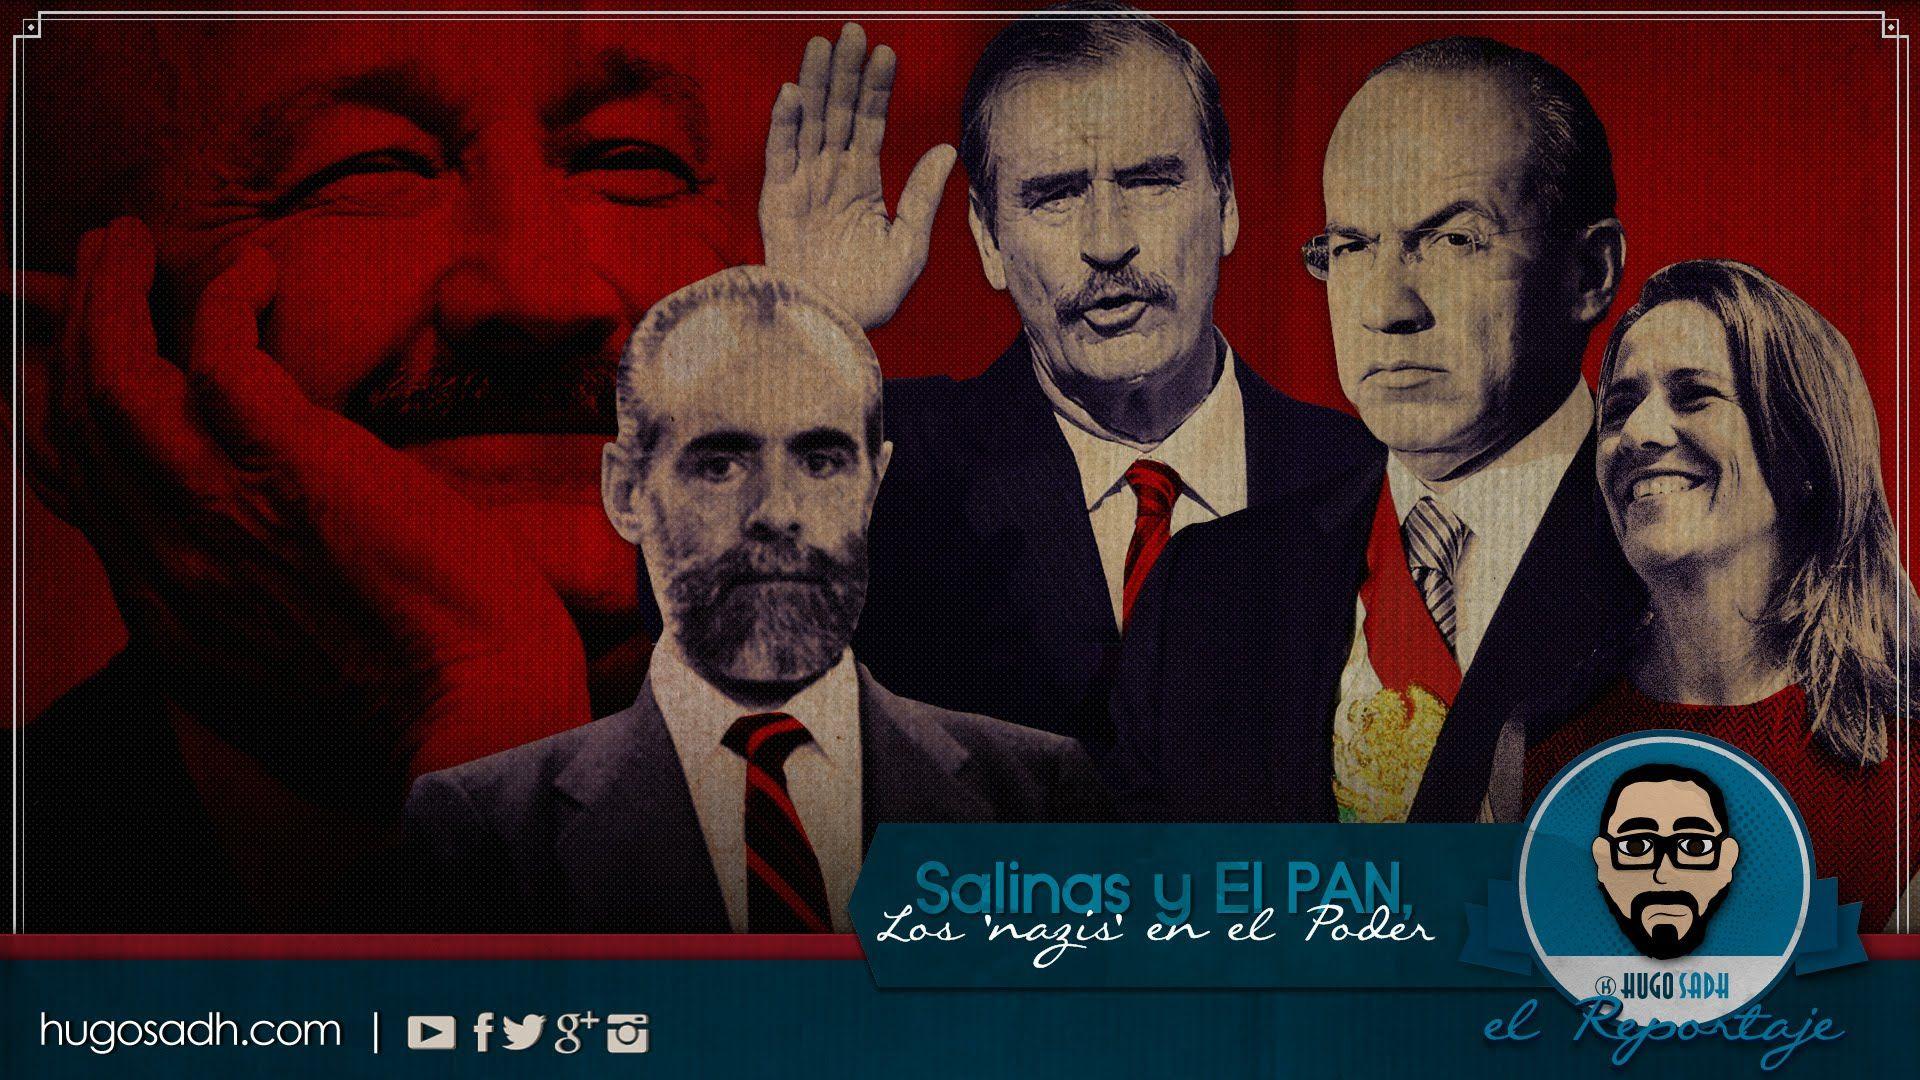 Salinas y El PAN, 'LOS NAZIS' en el Poder...